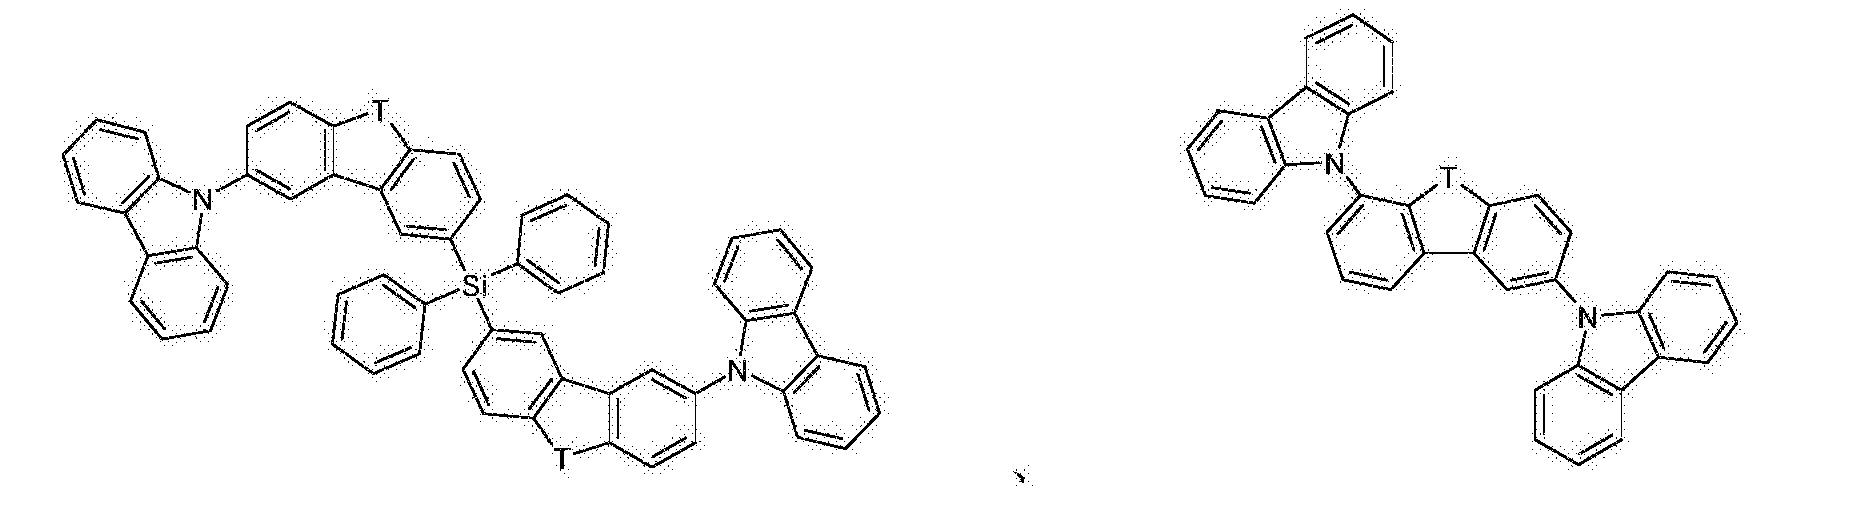 Figure CN107735880AC00093